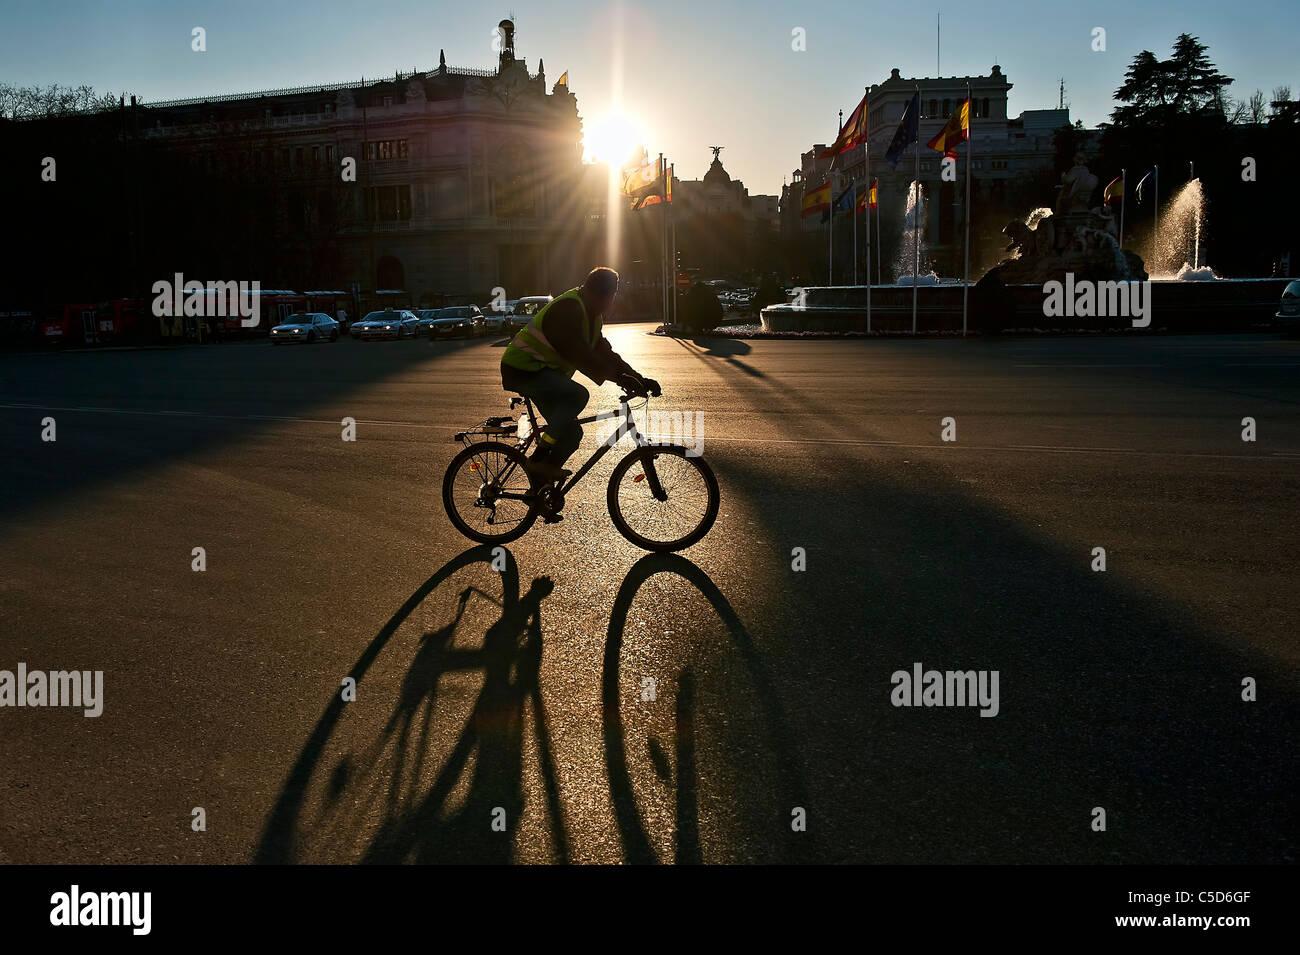 Hombre montado en una bicicleta cuando el sol se levanta, Madrid, España Imagen De Stock